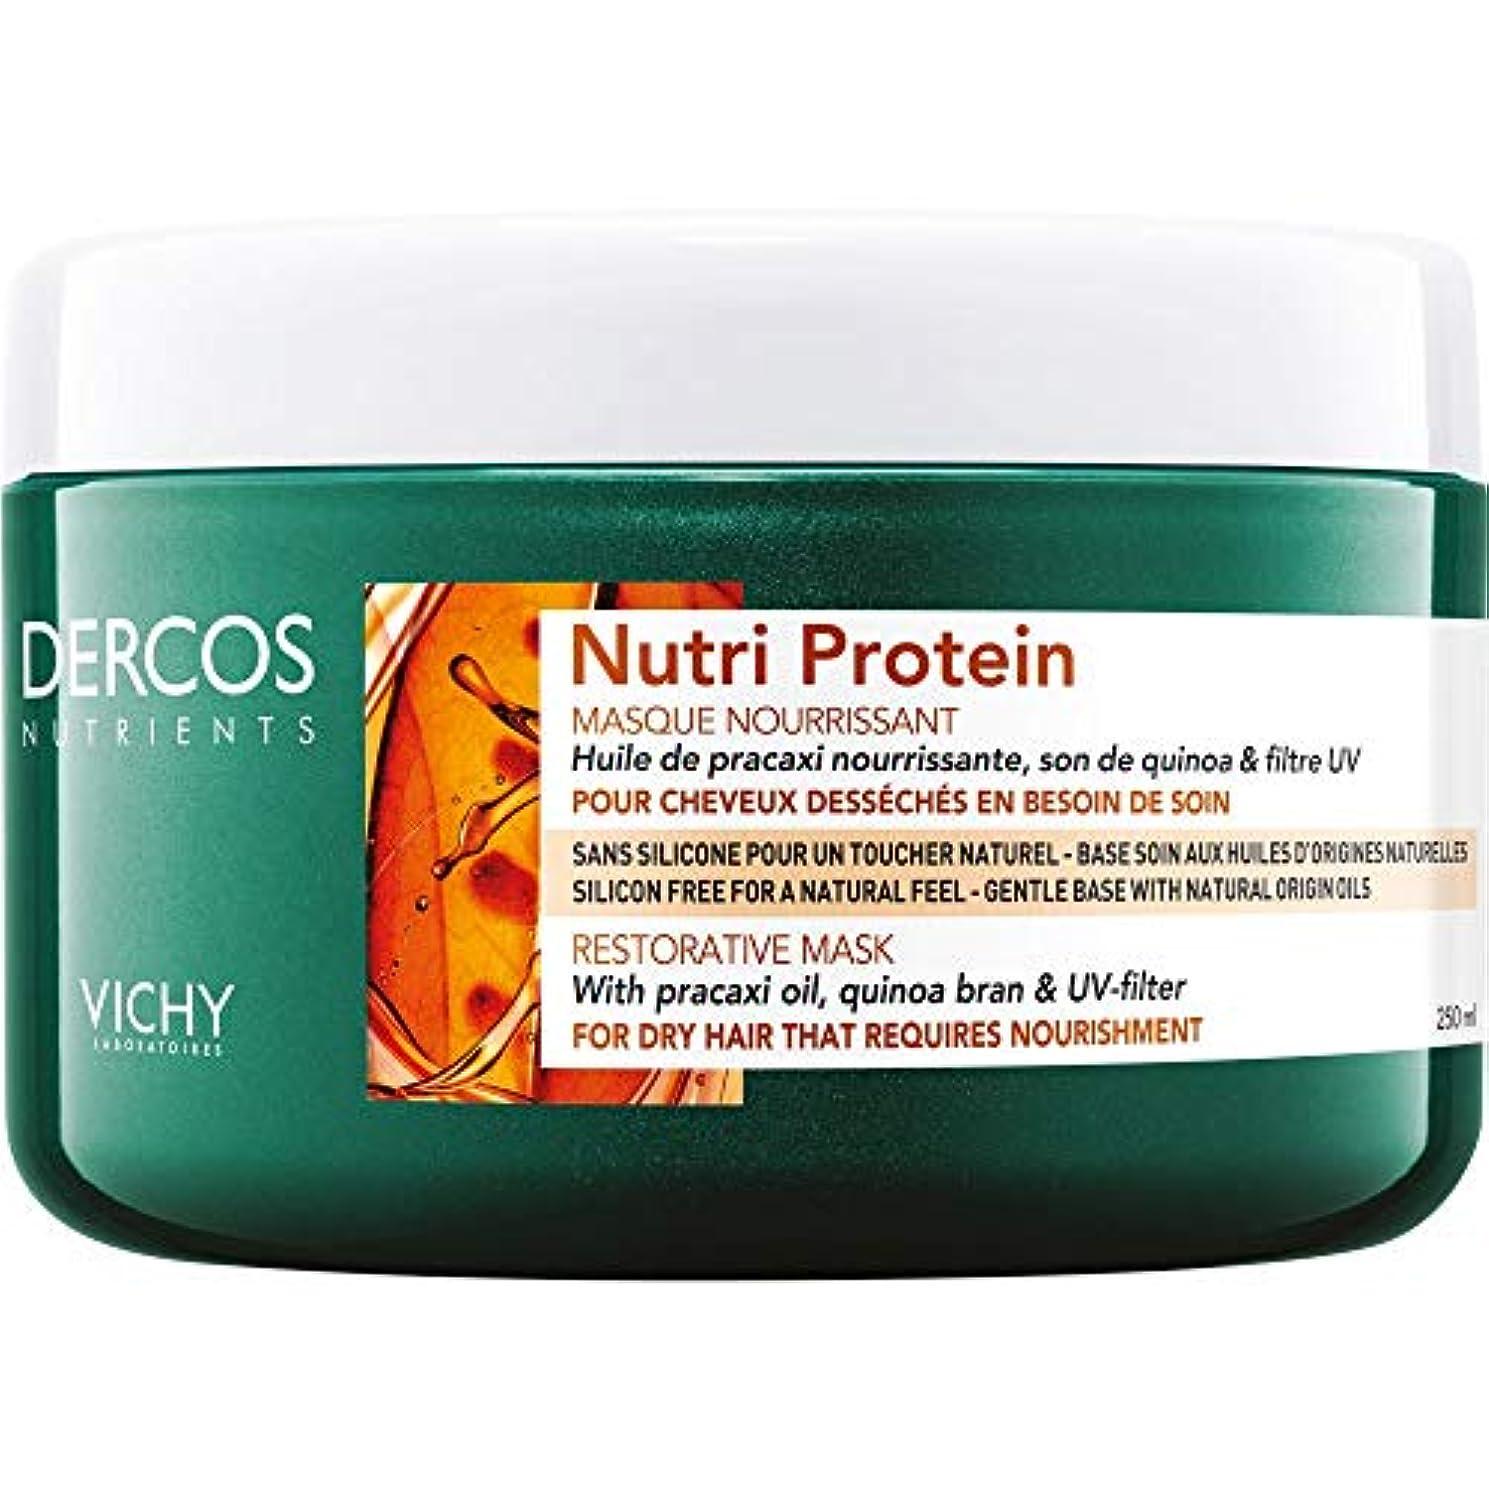 除外するむしゃむしゃラメ[Vichy] ヴィシーDercos栄養素ニュートリプロテイン修復マスク250ミリリットル - Vichy Dercos Nutrients Nutri Protein Restorative Mask 250ml [並行輸入品]